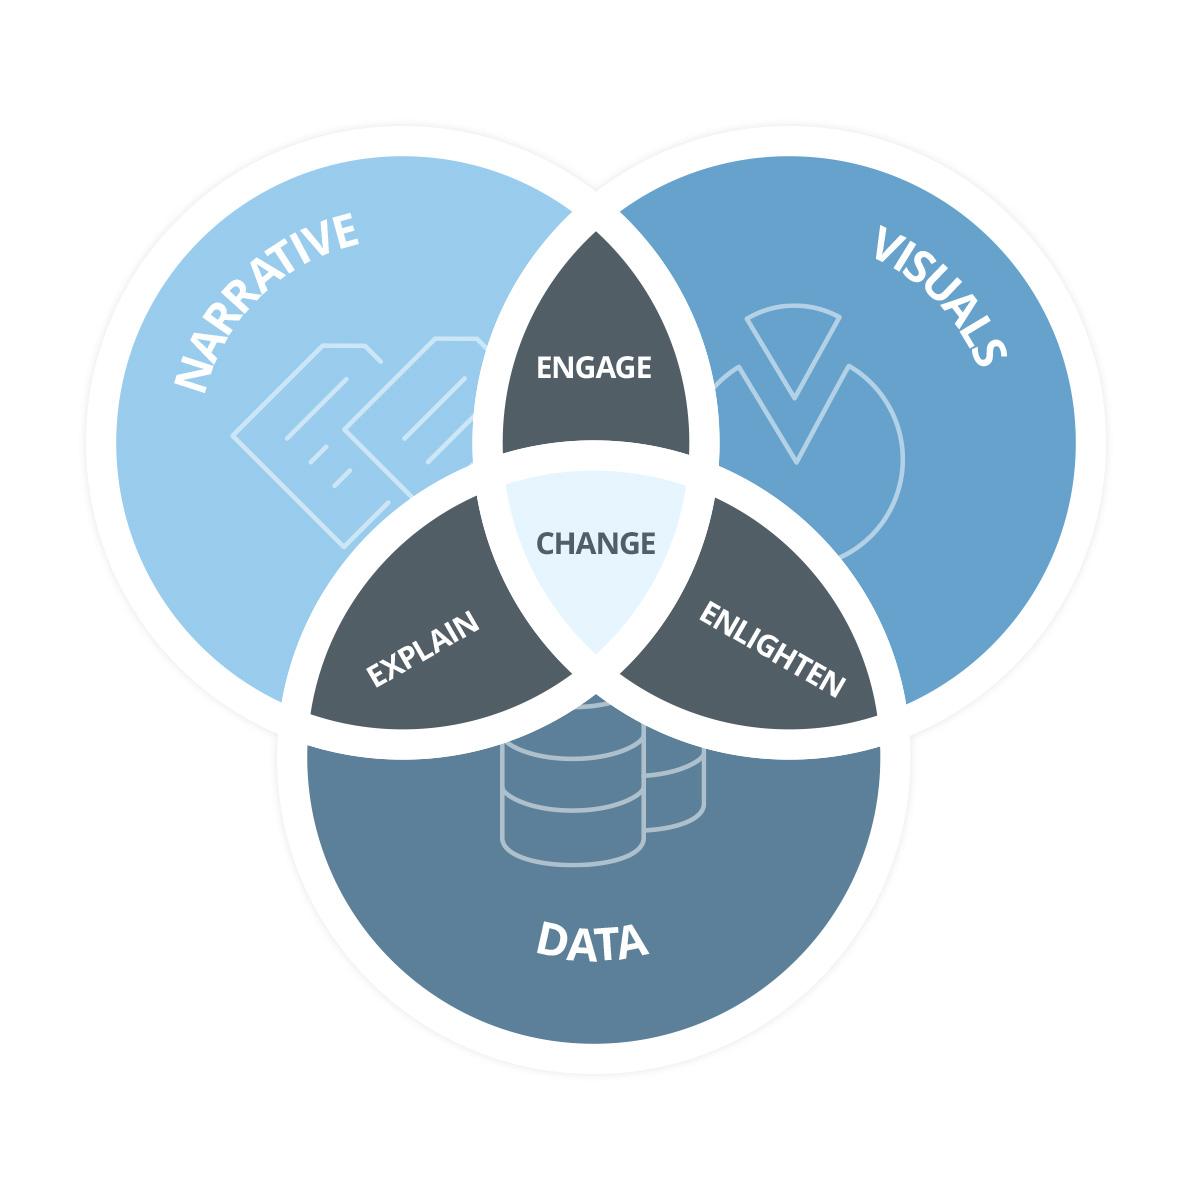 16-blog-viz-data-storytelling-2-1200x1200